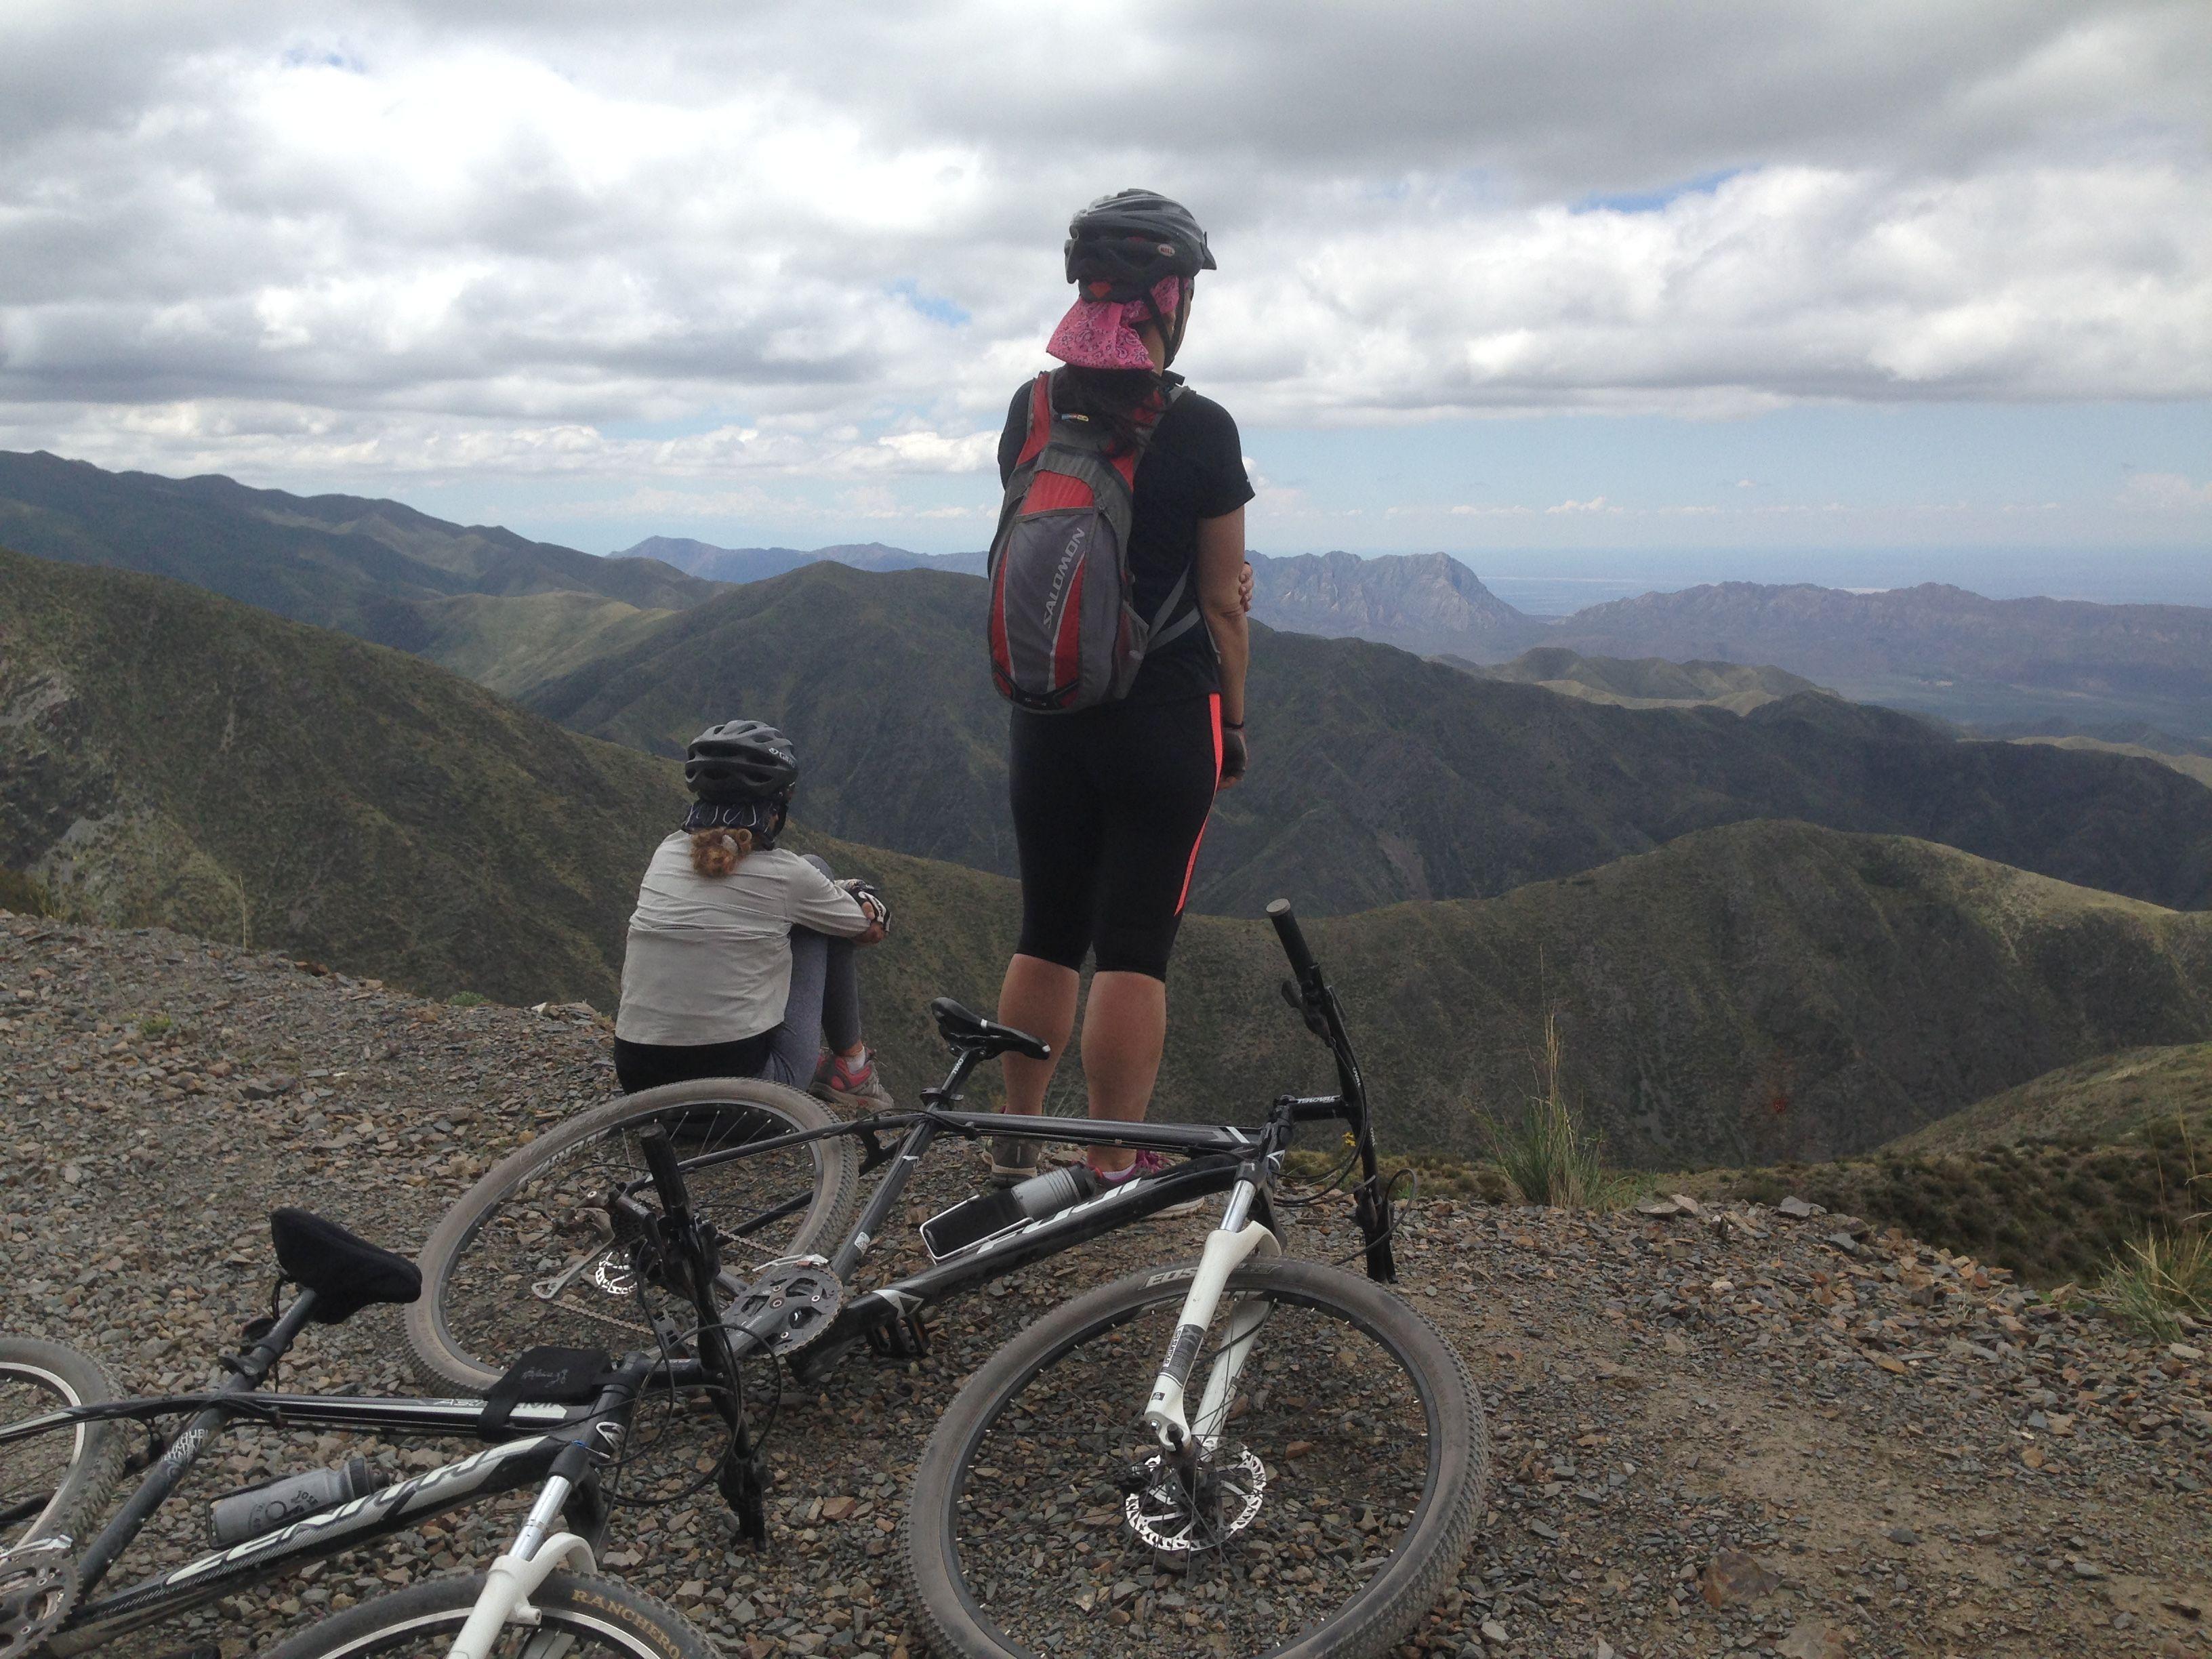 El esfuerzo que requiere pedalear en altura se compensa con las postales que regalan las montañas.